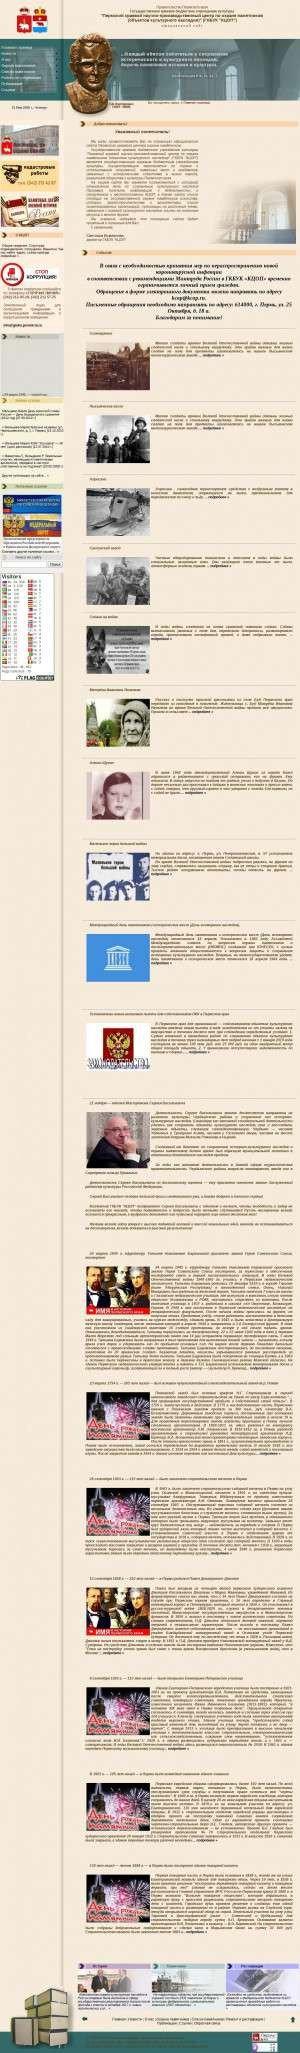 Предпросмотр для www.kcop.ru — Пермский краевой научно-производственный центр по охране памятников и объектов культурного наследия